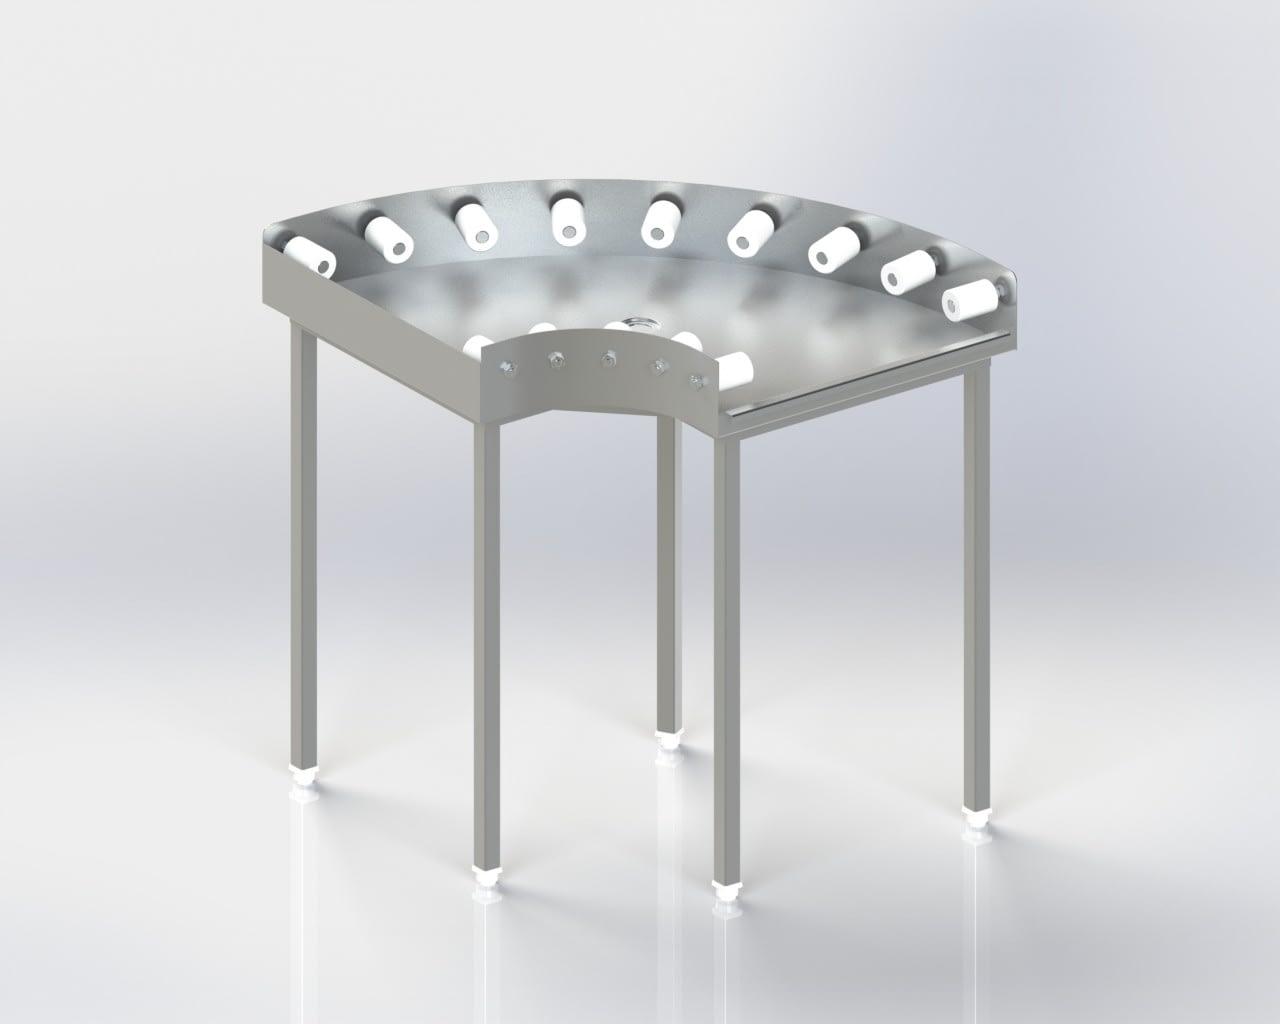 Dishwasher Inlet-Outlet Corner Roller Table